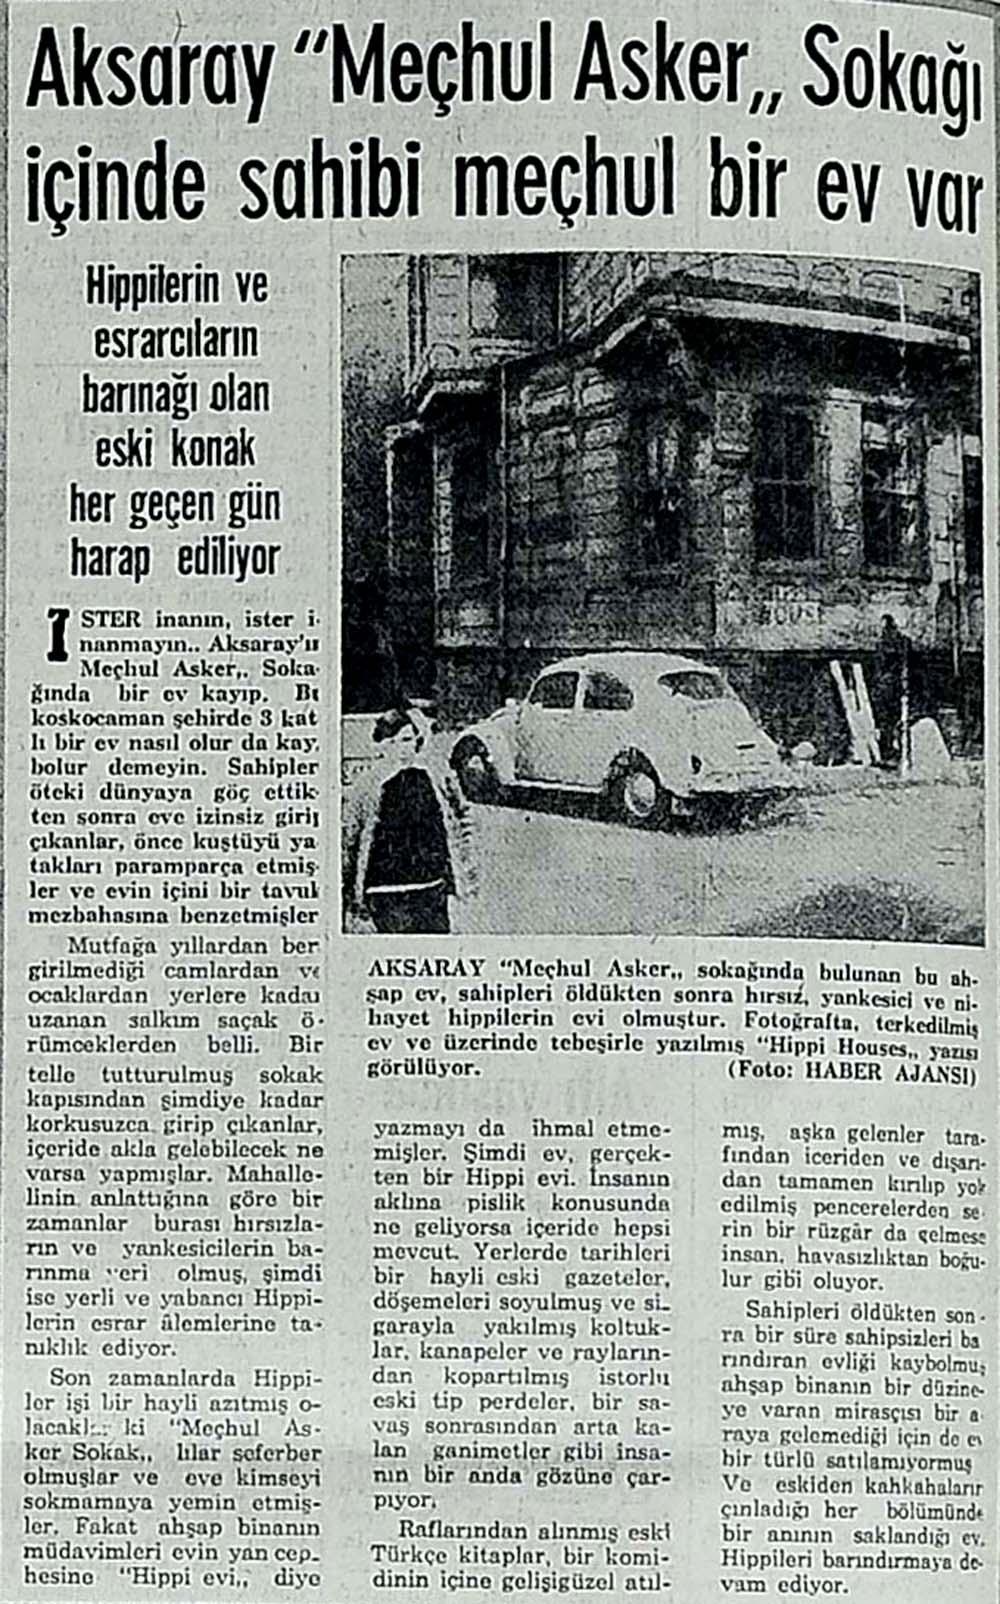 Aksaray ''Meçhul Asker'' Sokağı içinde sahibi meçhul bir ev var